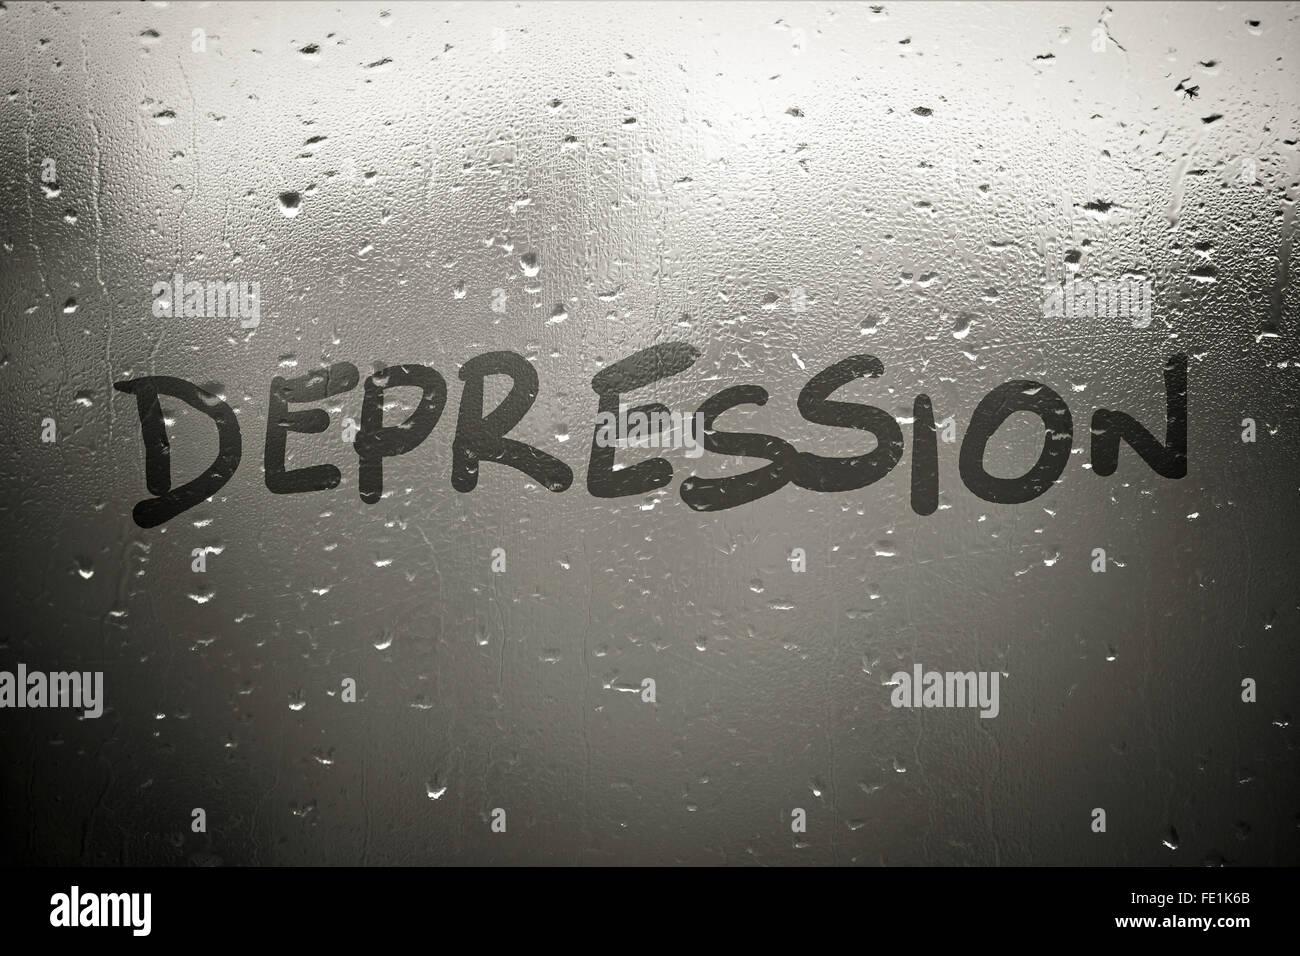 Inschrift Depression auf die beschlagene Fenster an regnerischen Herbsttag Stockbild